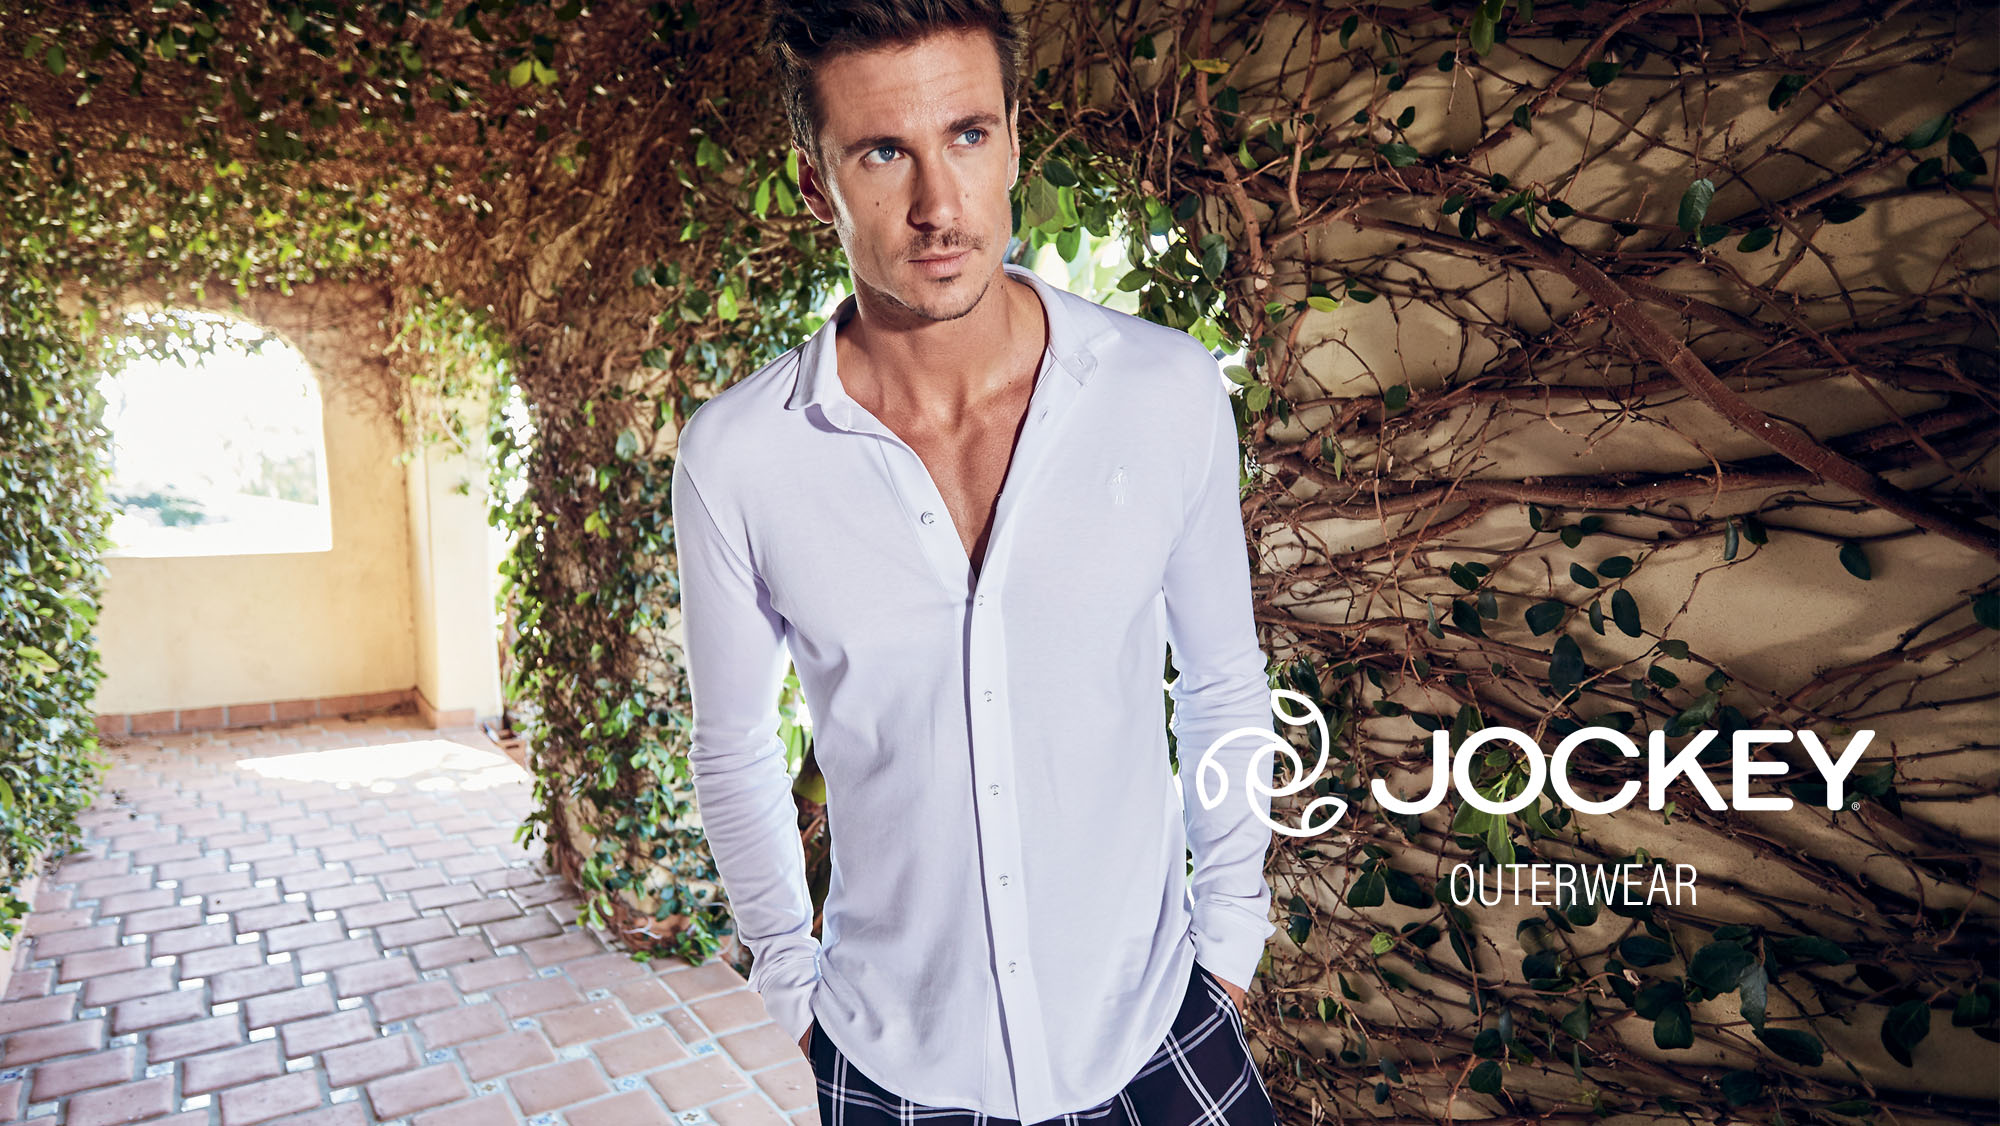 Jockey Outerwear